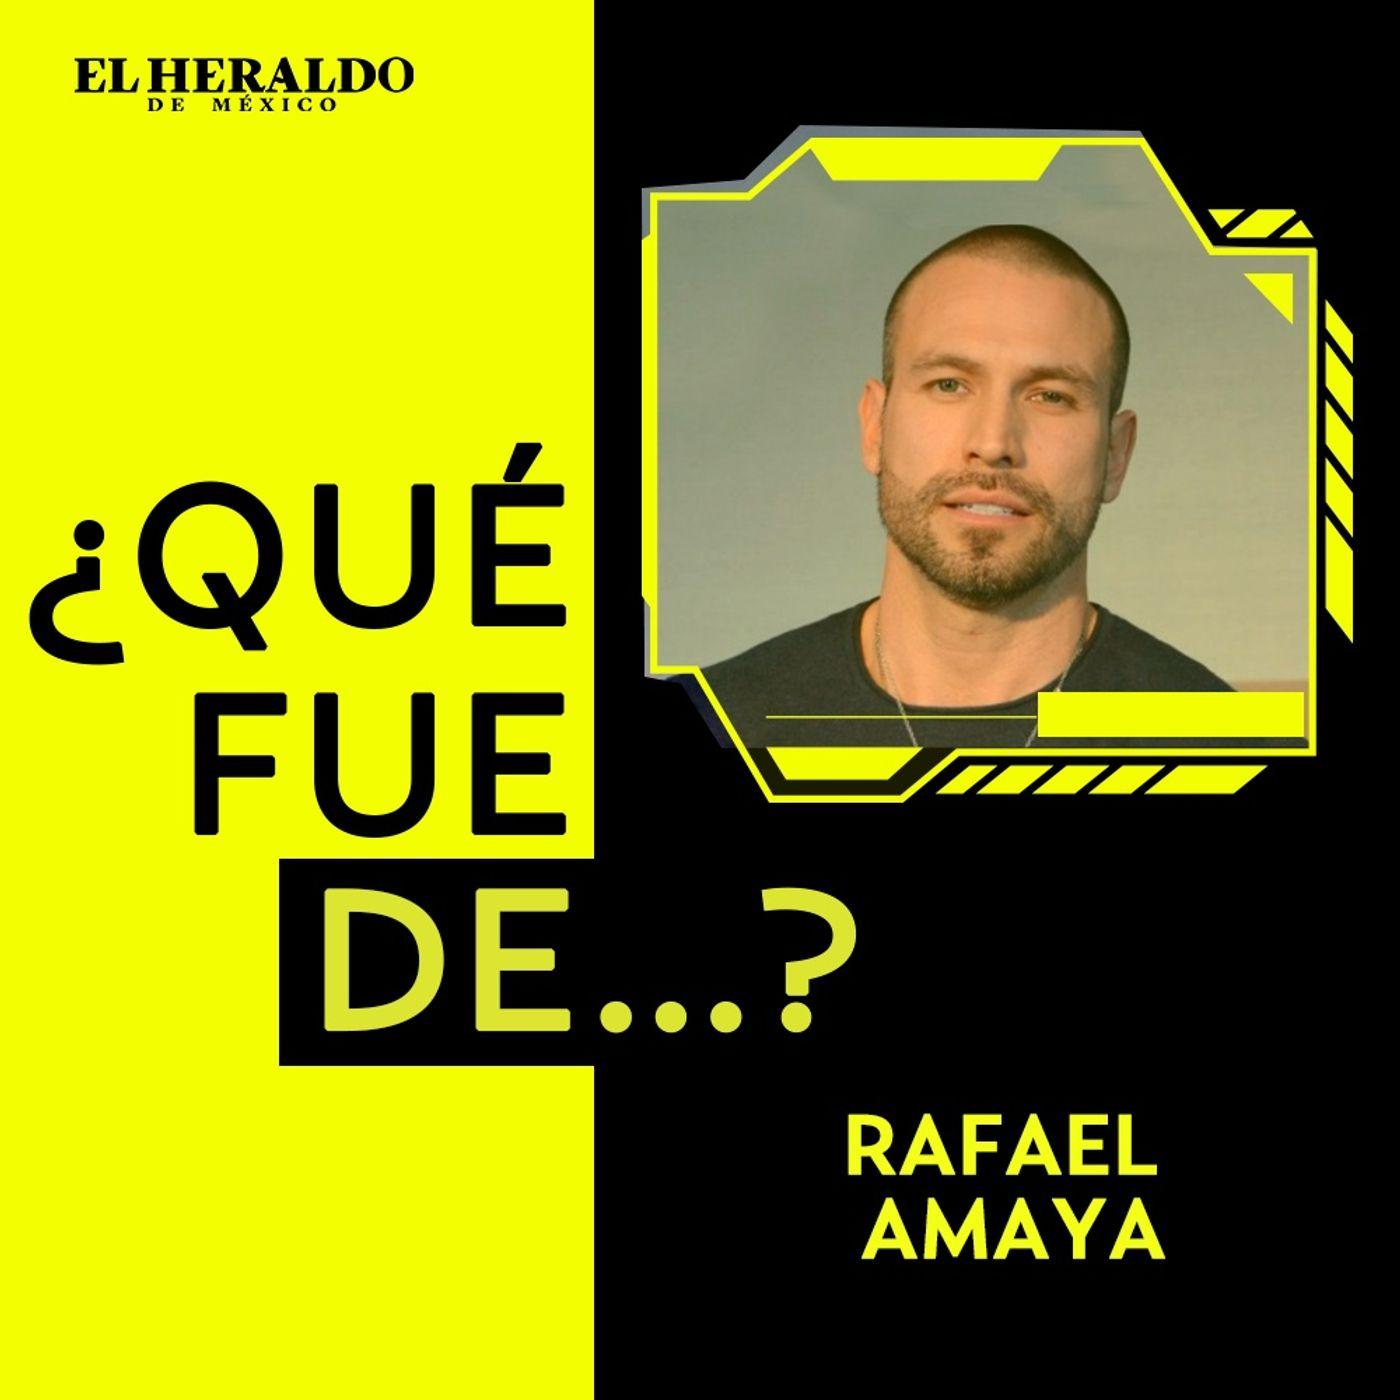 ¿Qué fue de...? Rafael Amaya